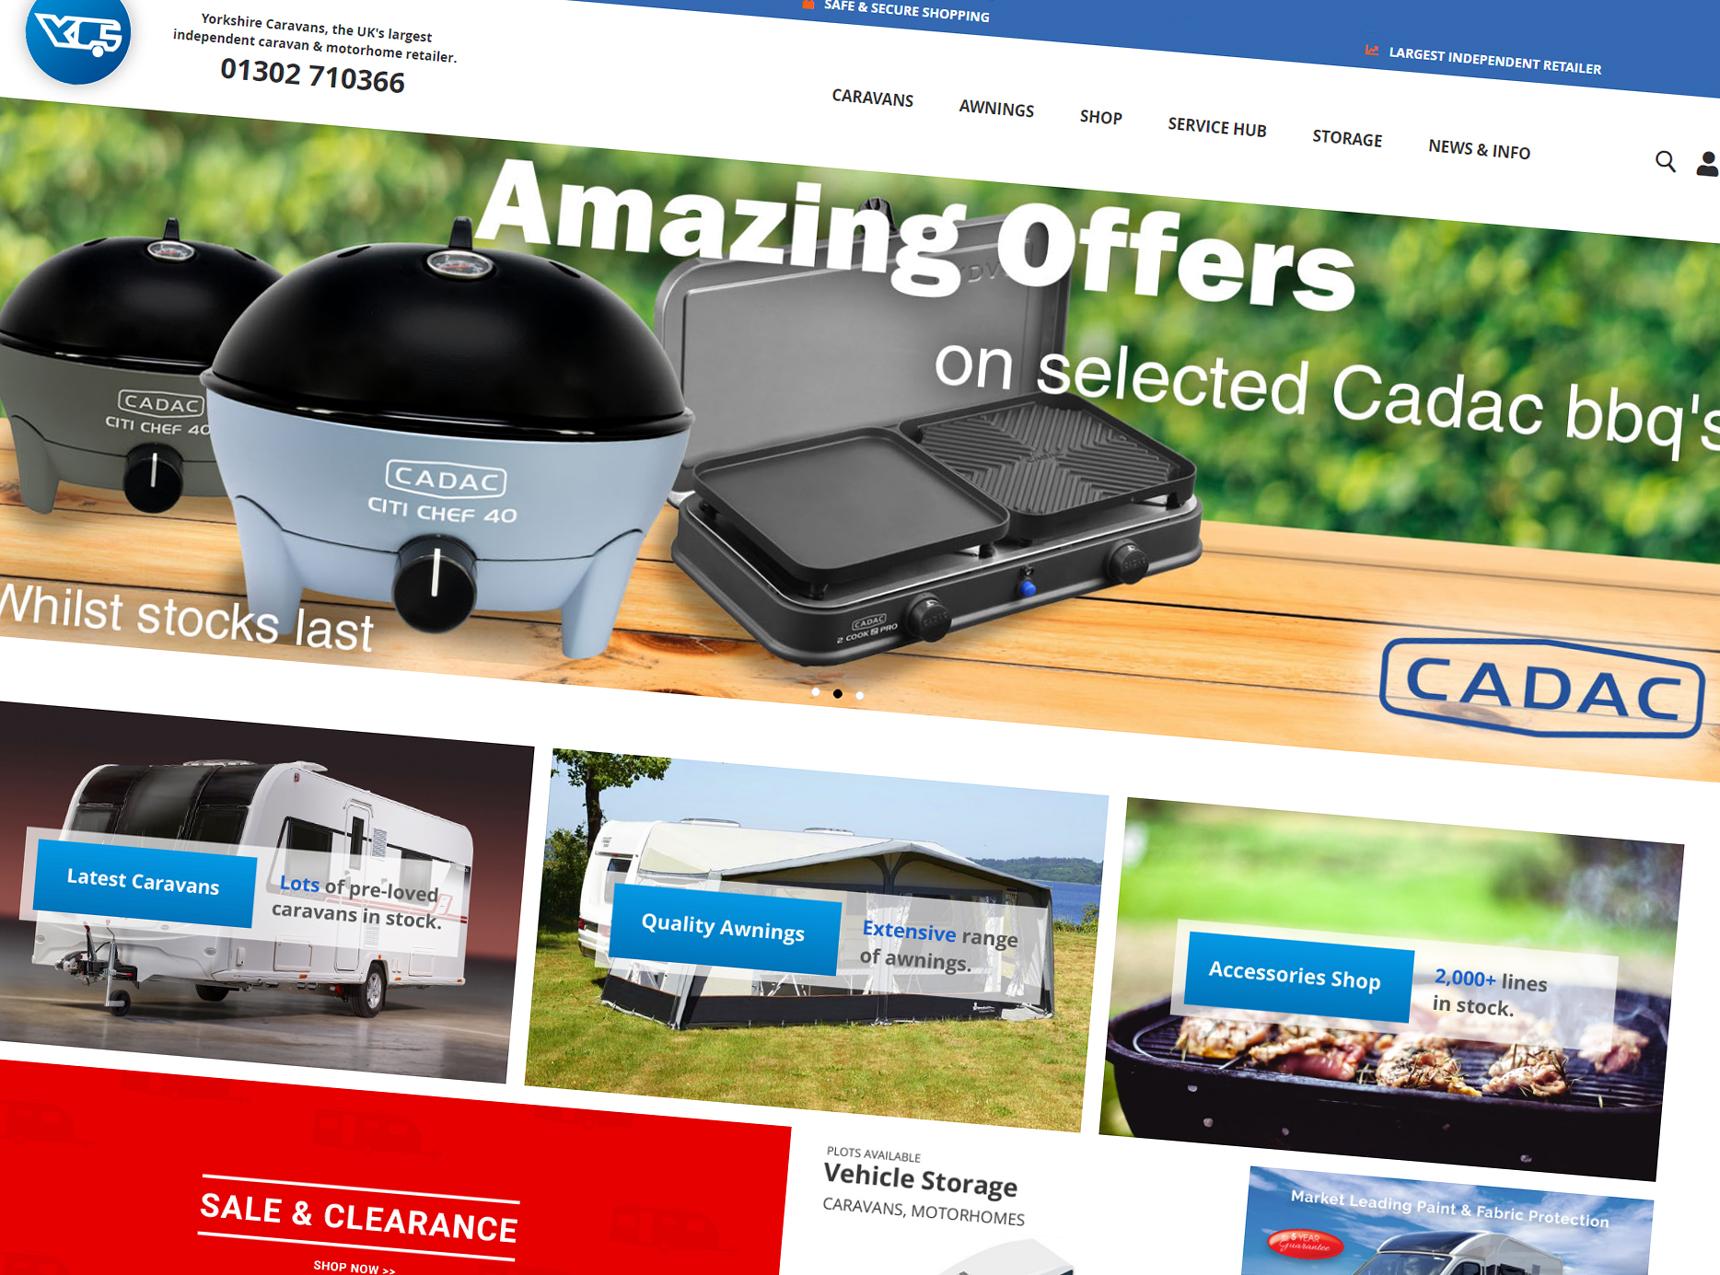 Yorkshire Caravans Homepage